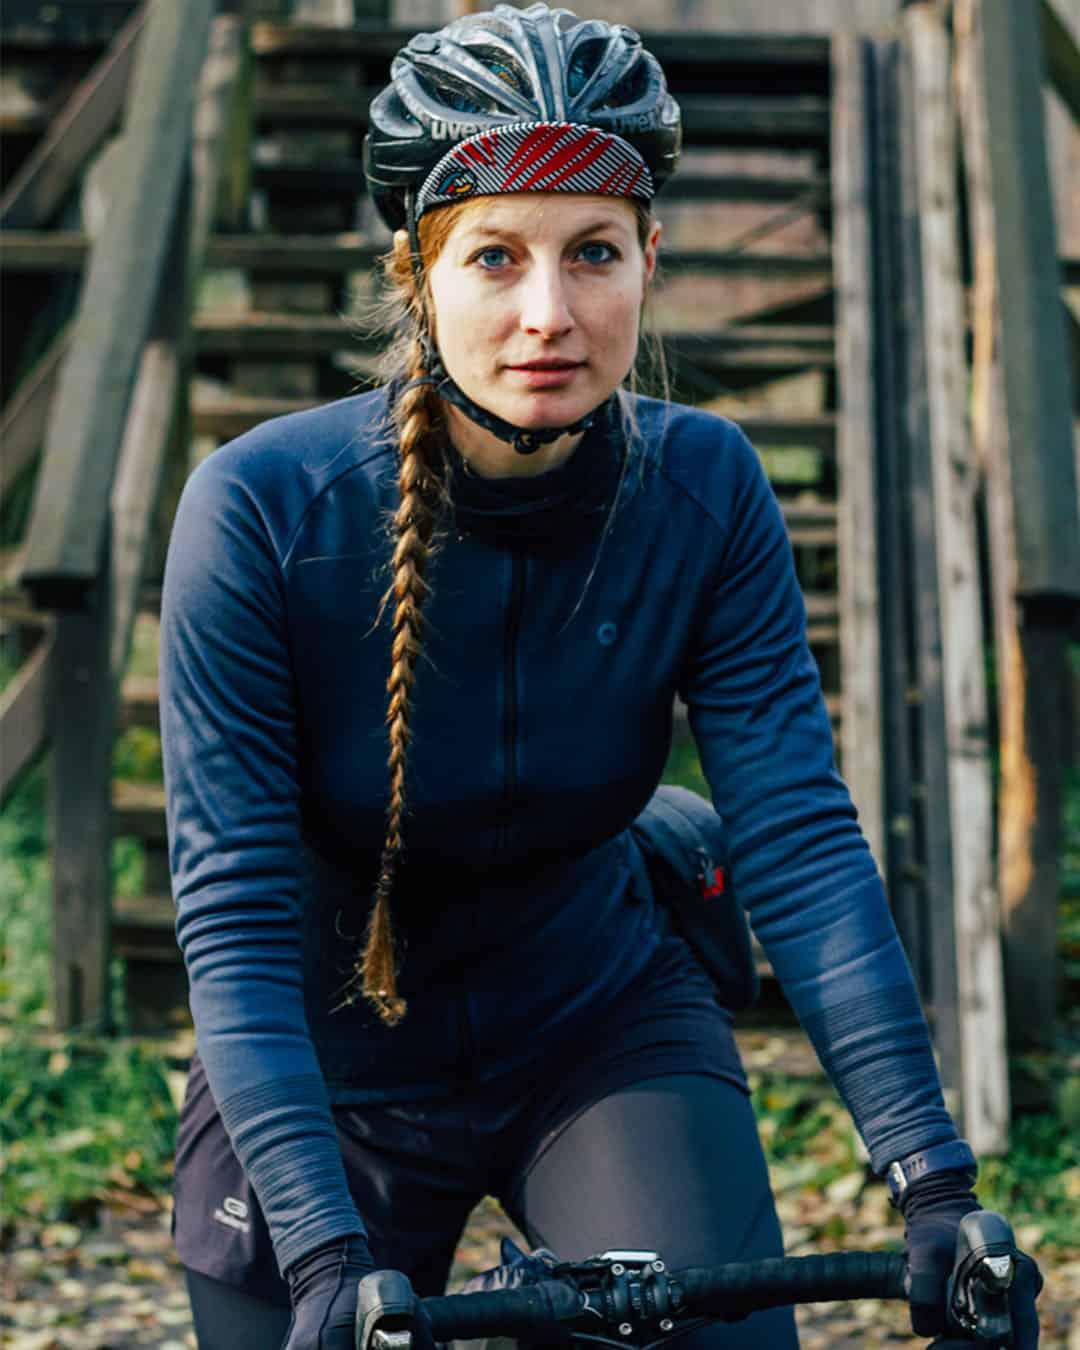 Portrait von Jule mit ihrem Fahrrad